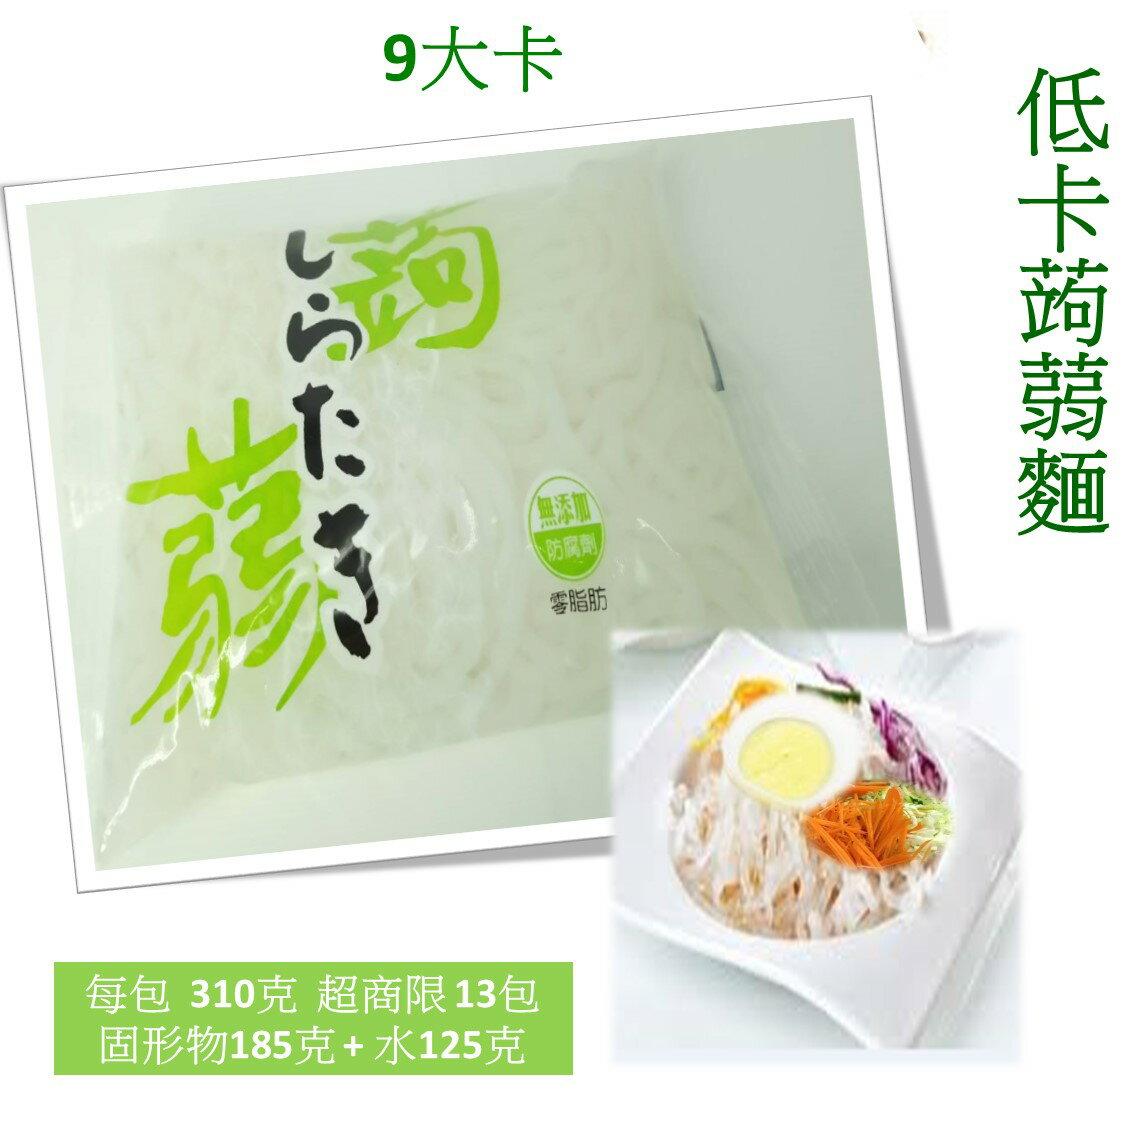 【一包】低卡蒟蒻 蒟蒻麵 無防腐劑 輕盈熱量僅9大卡 輕食首選 【樂活生活館】